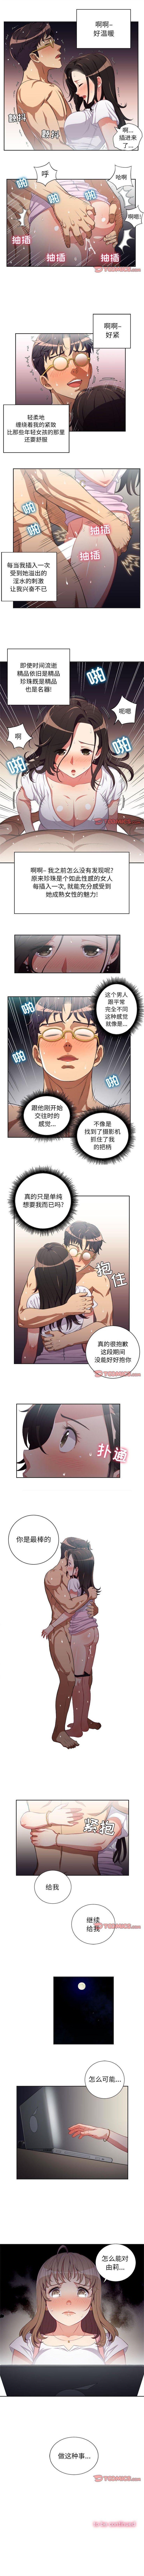 由莉的秘密1-60 中文翻译 (更新中) 299